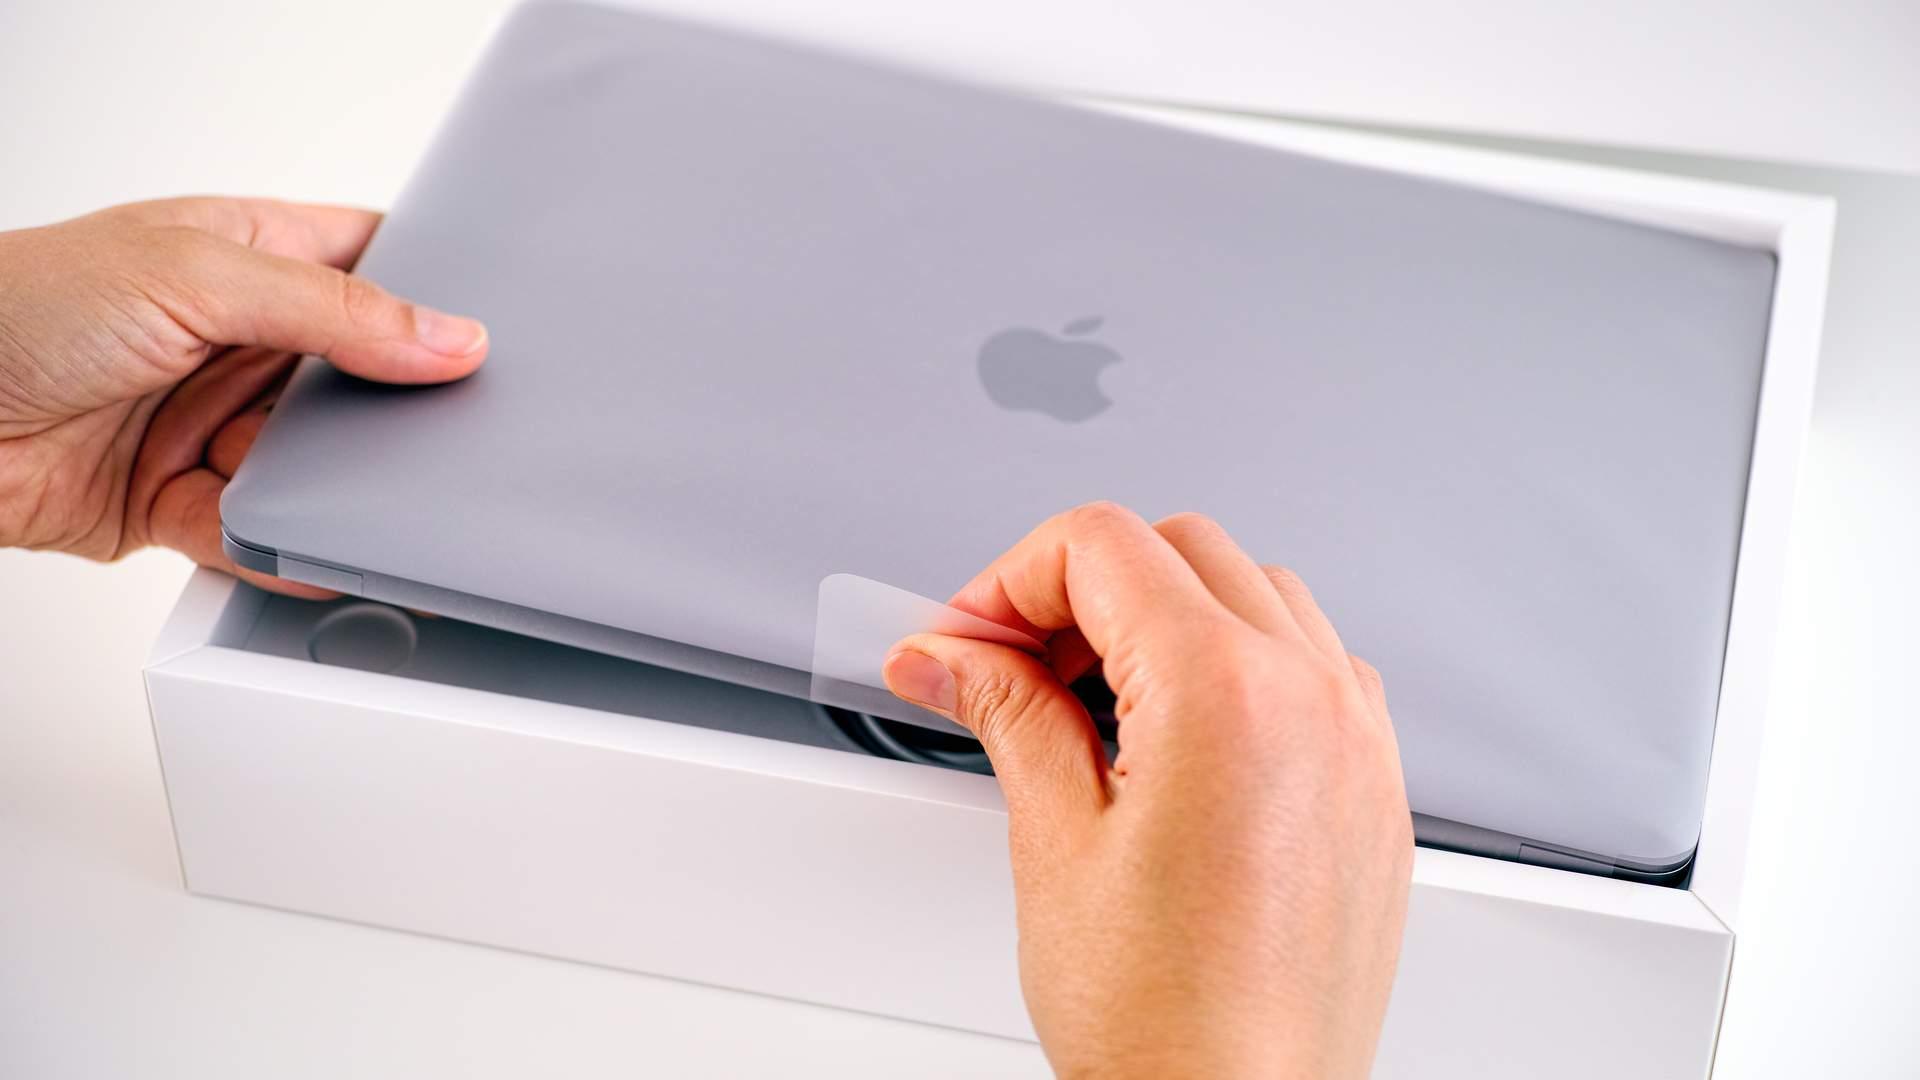 MacBook novo sendo tirado de caixa original branca